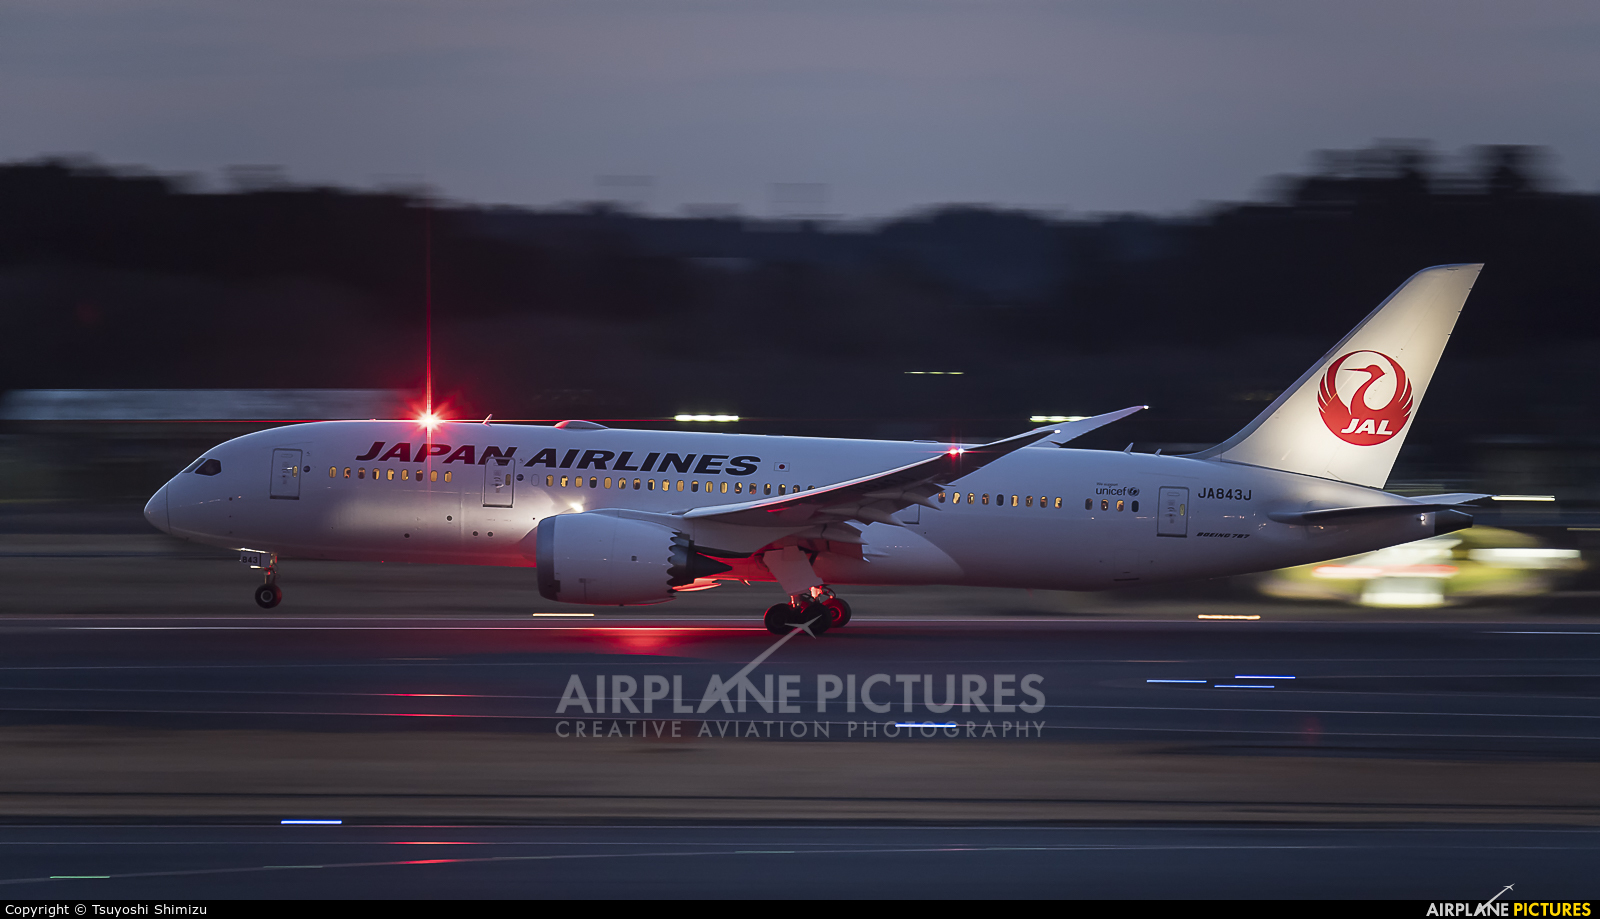 JAL - Japan Airlines JA843J aircraft at Tokyo - Narita Intl